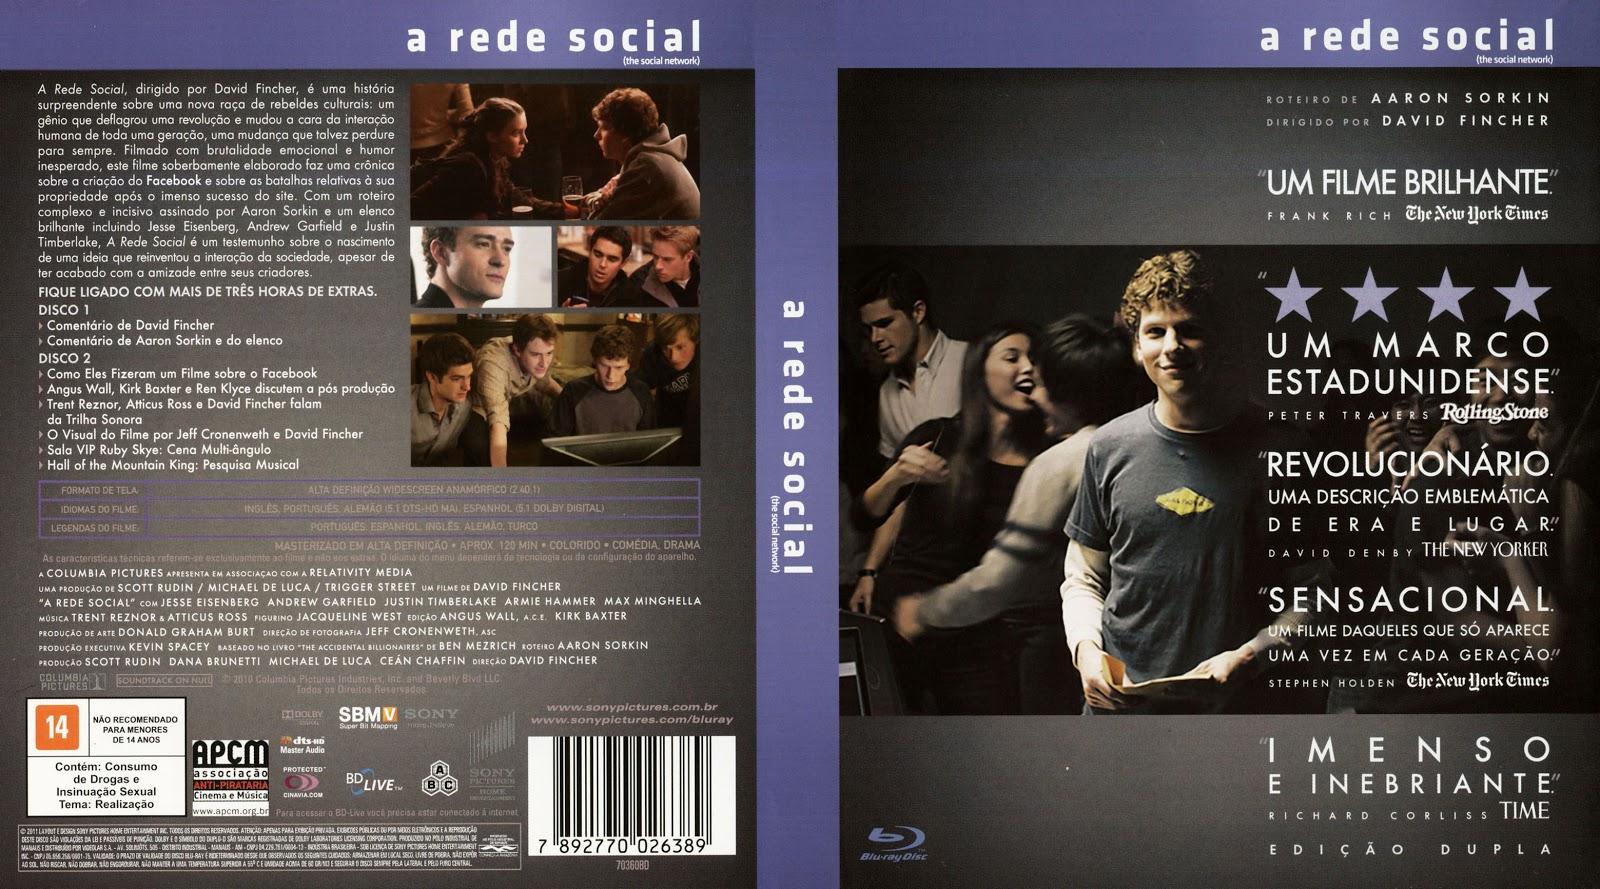 Capa Bluray A Rede Social